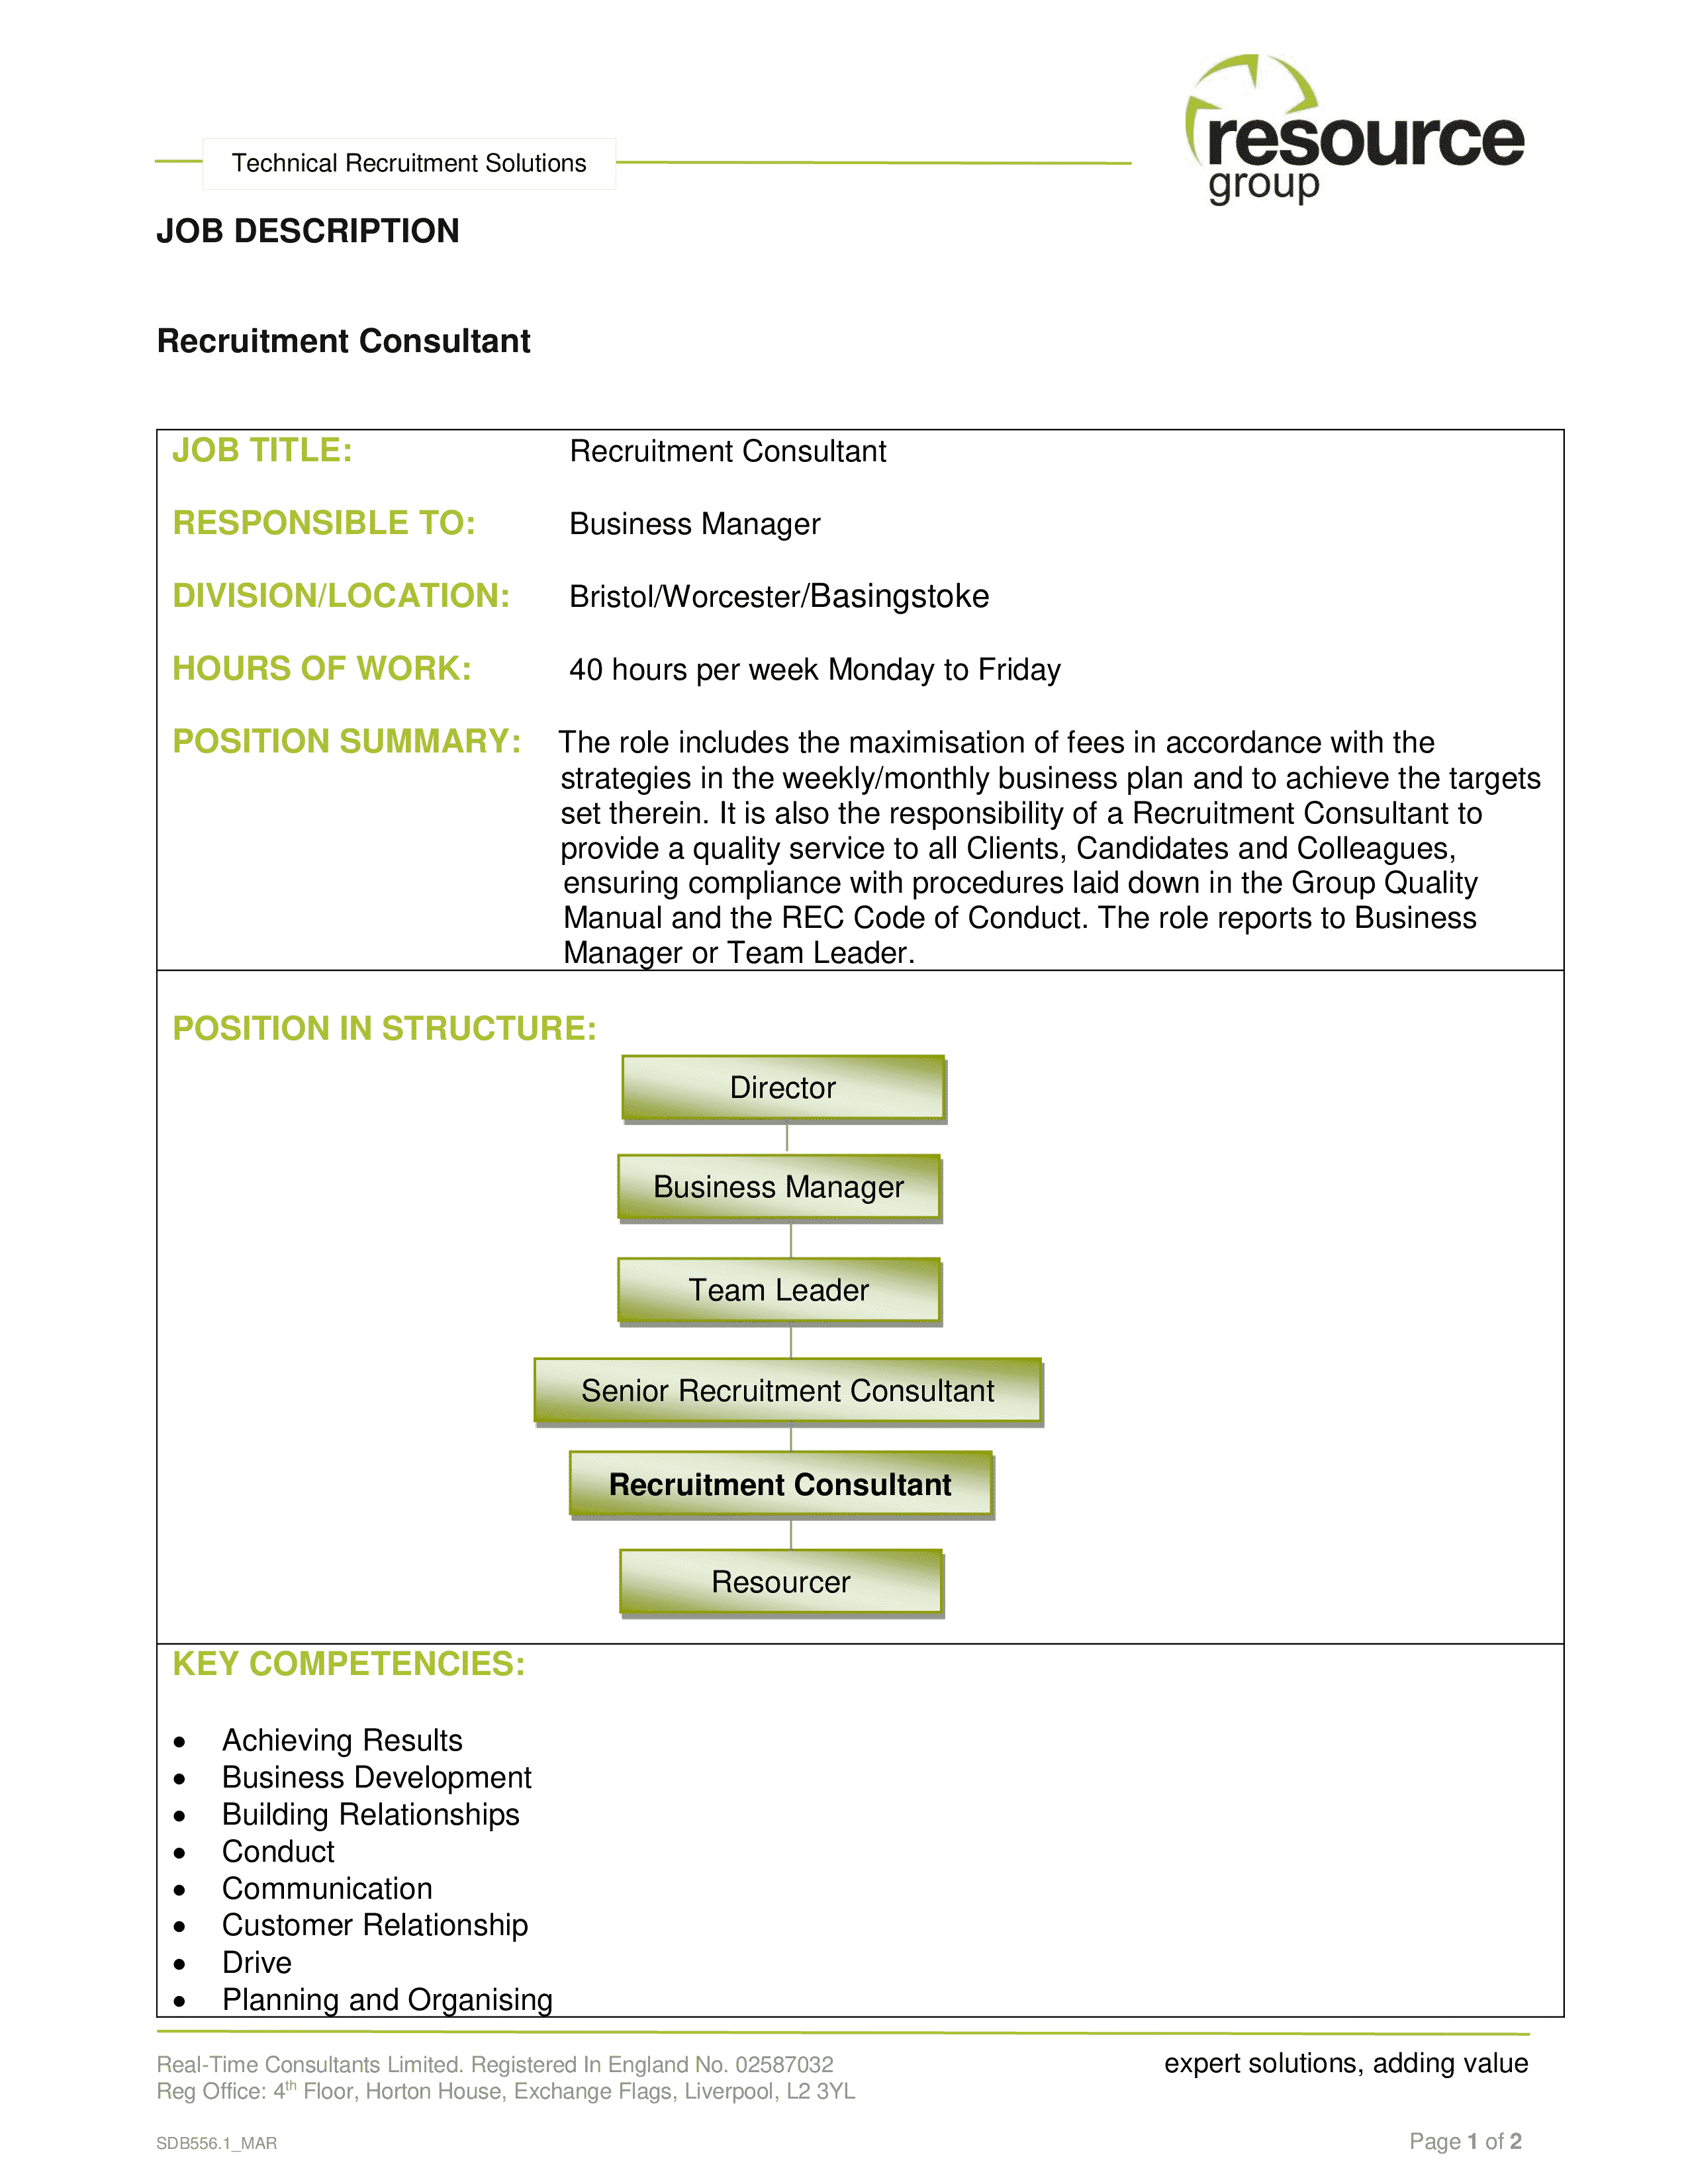 personnel-consultant-job-responsibilities